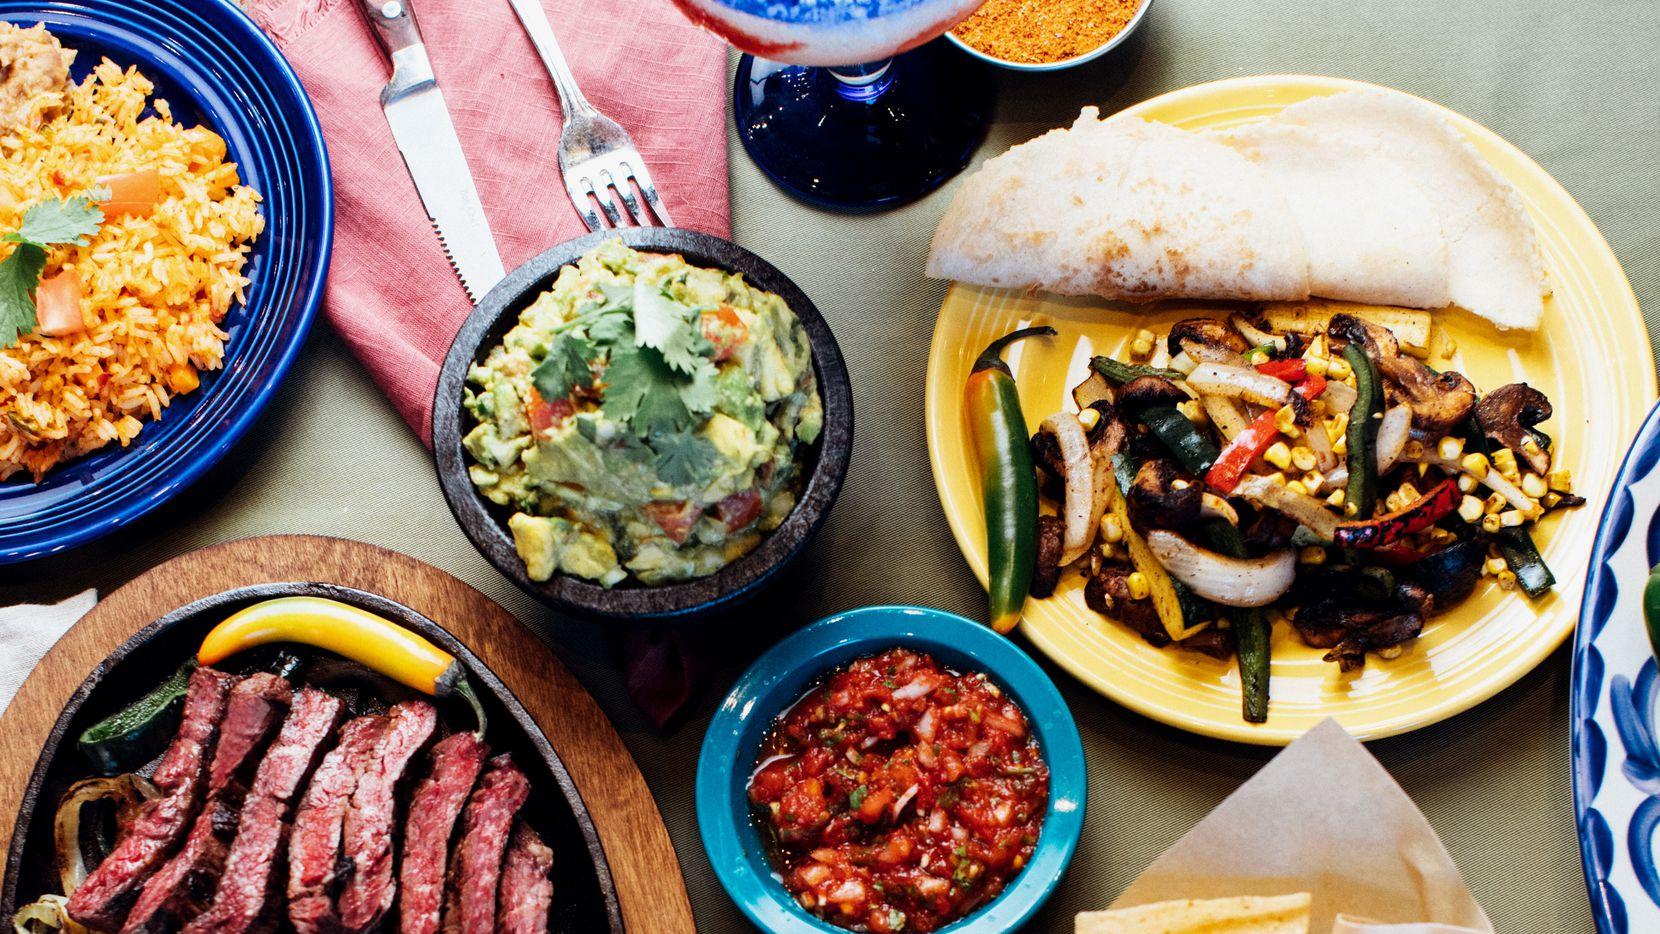 Joe Leo ofrecerá comida Tex-Mex tradicional desde mediados de abril por medio del servicio a domicilio DoorDash.